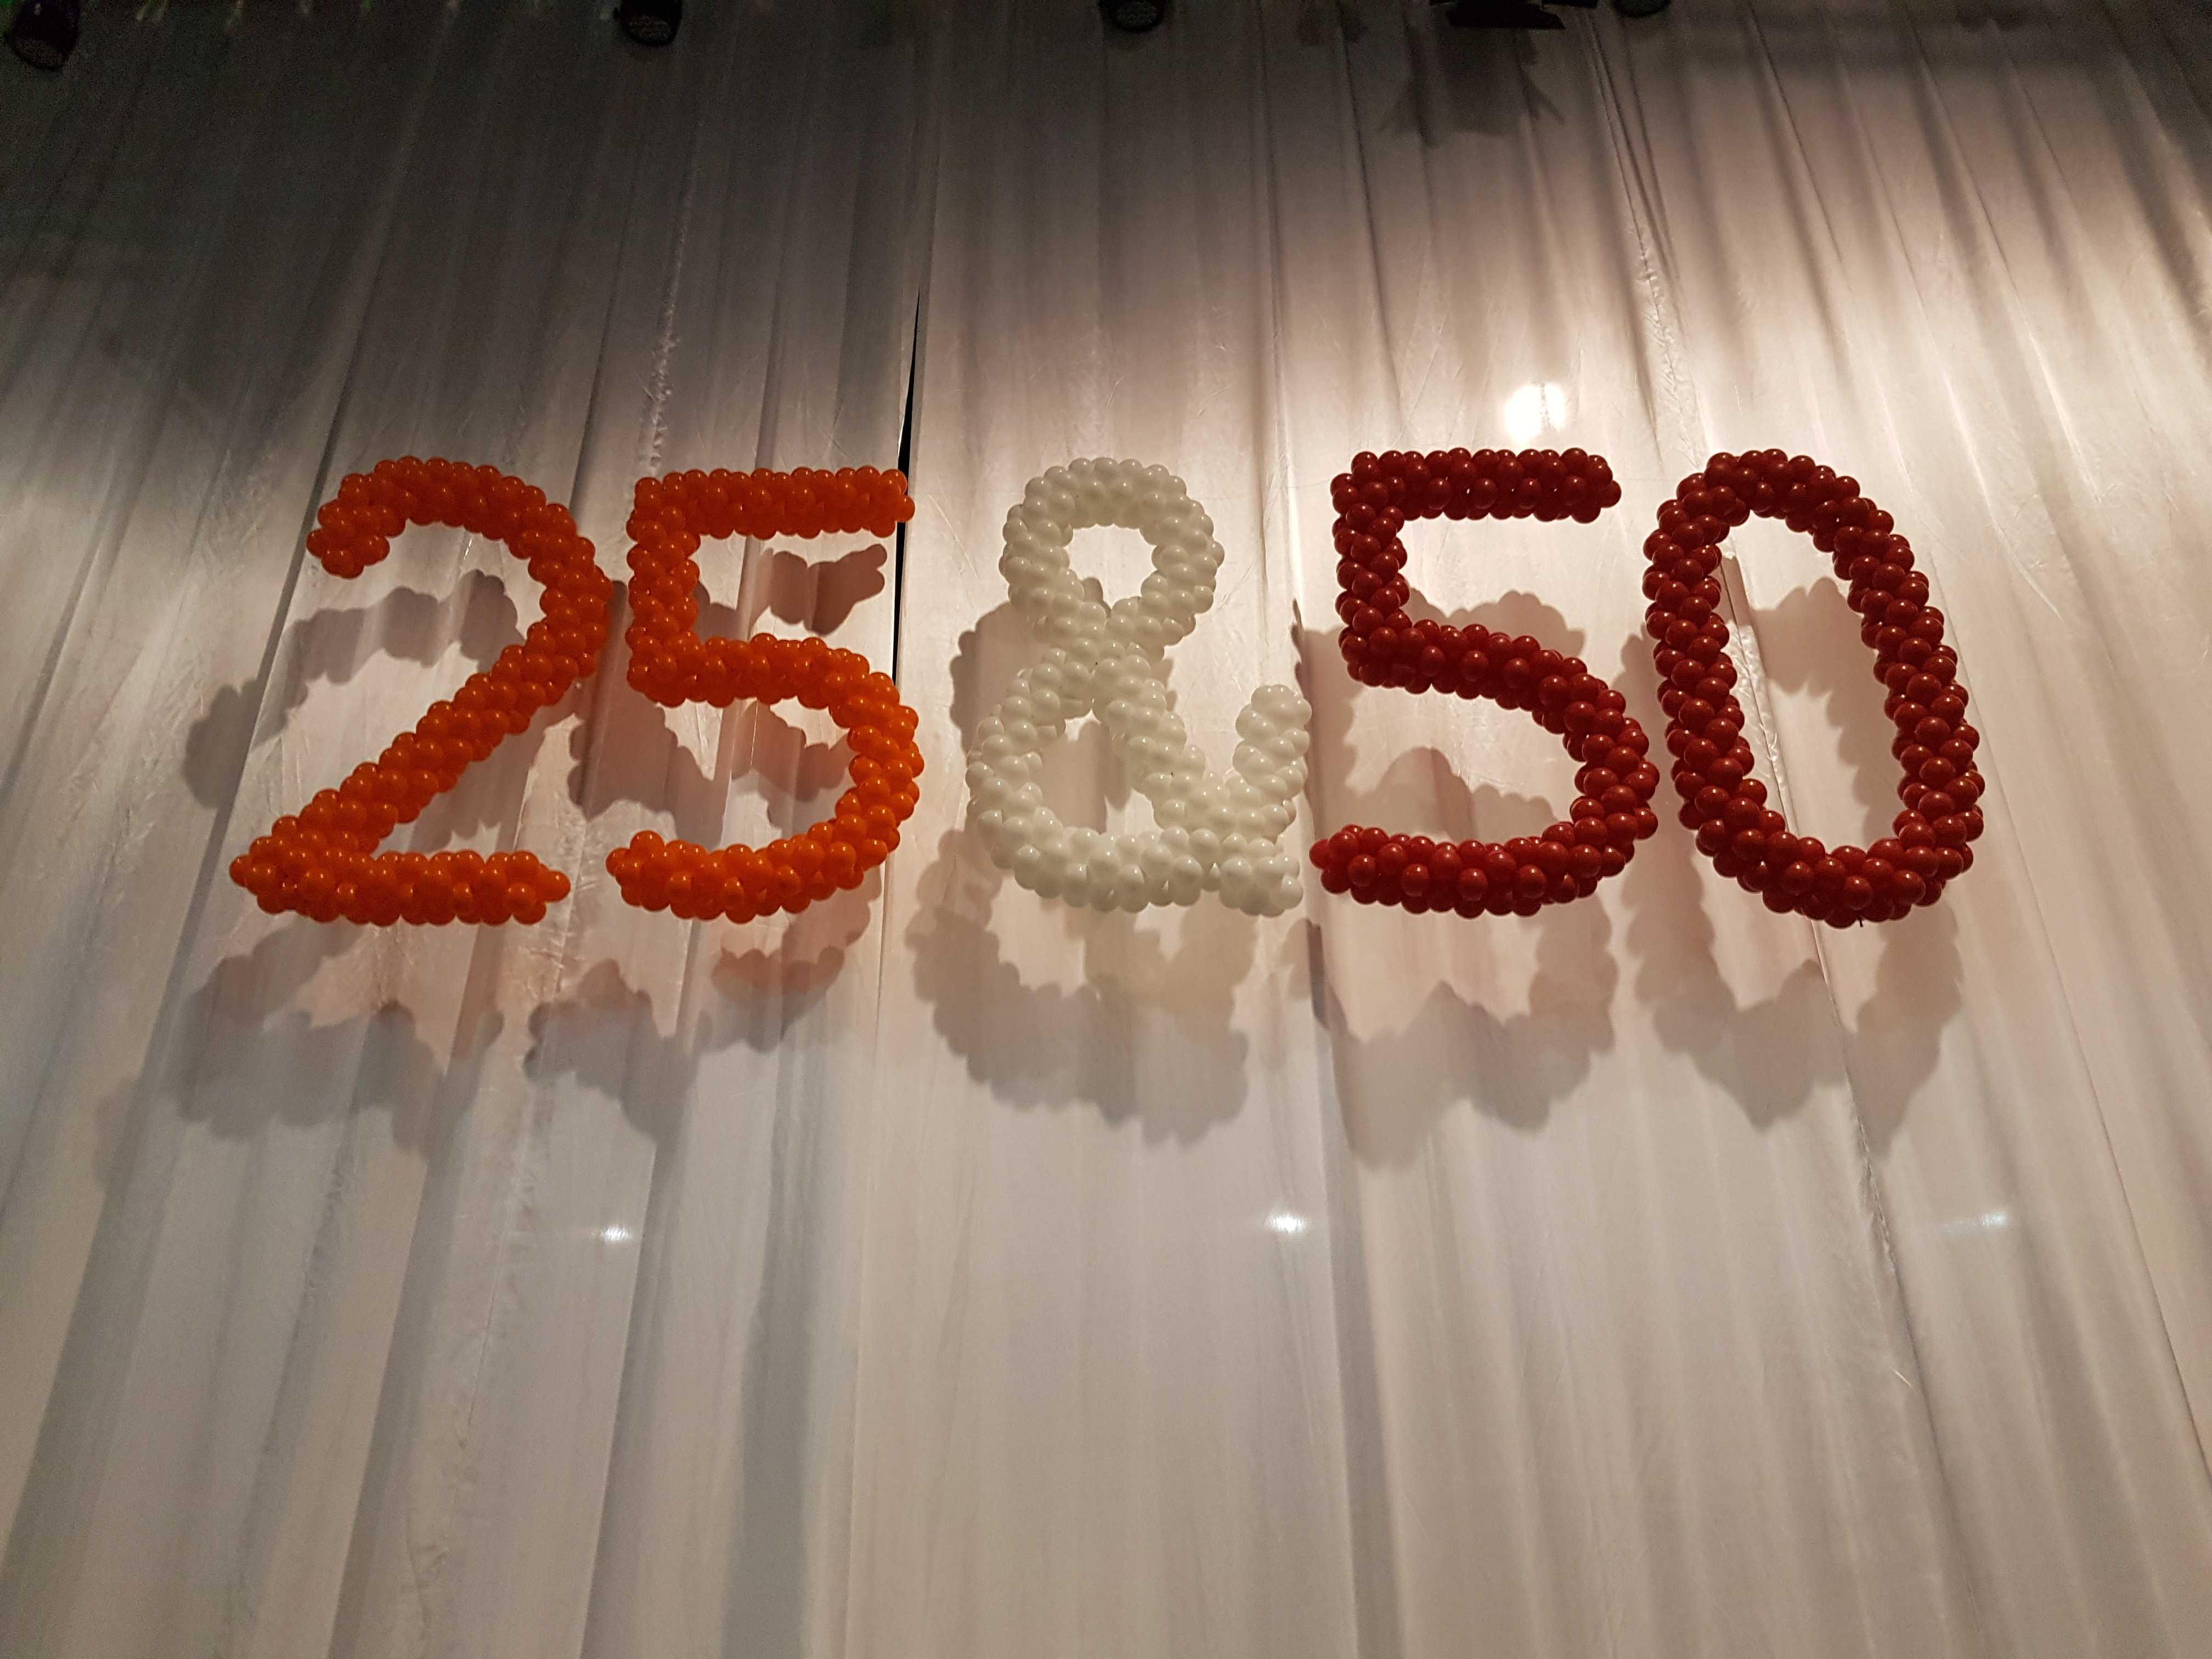 beurs-ferring-NBC-congrescentrum-Nieuwegein-balloncijfers-300-cm-hoog